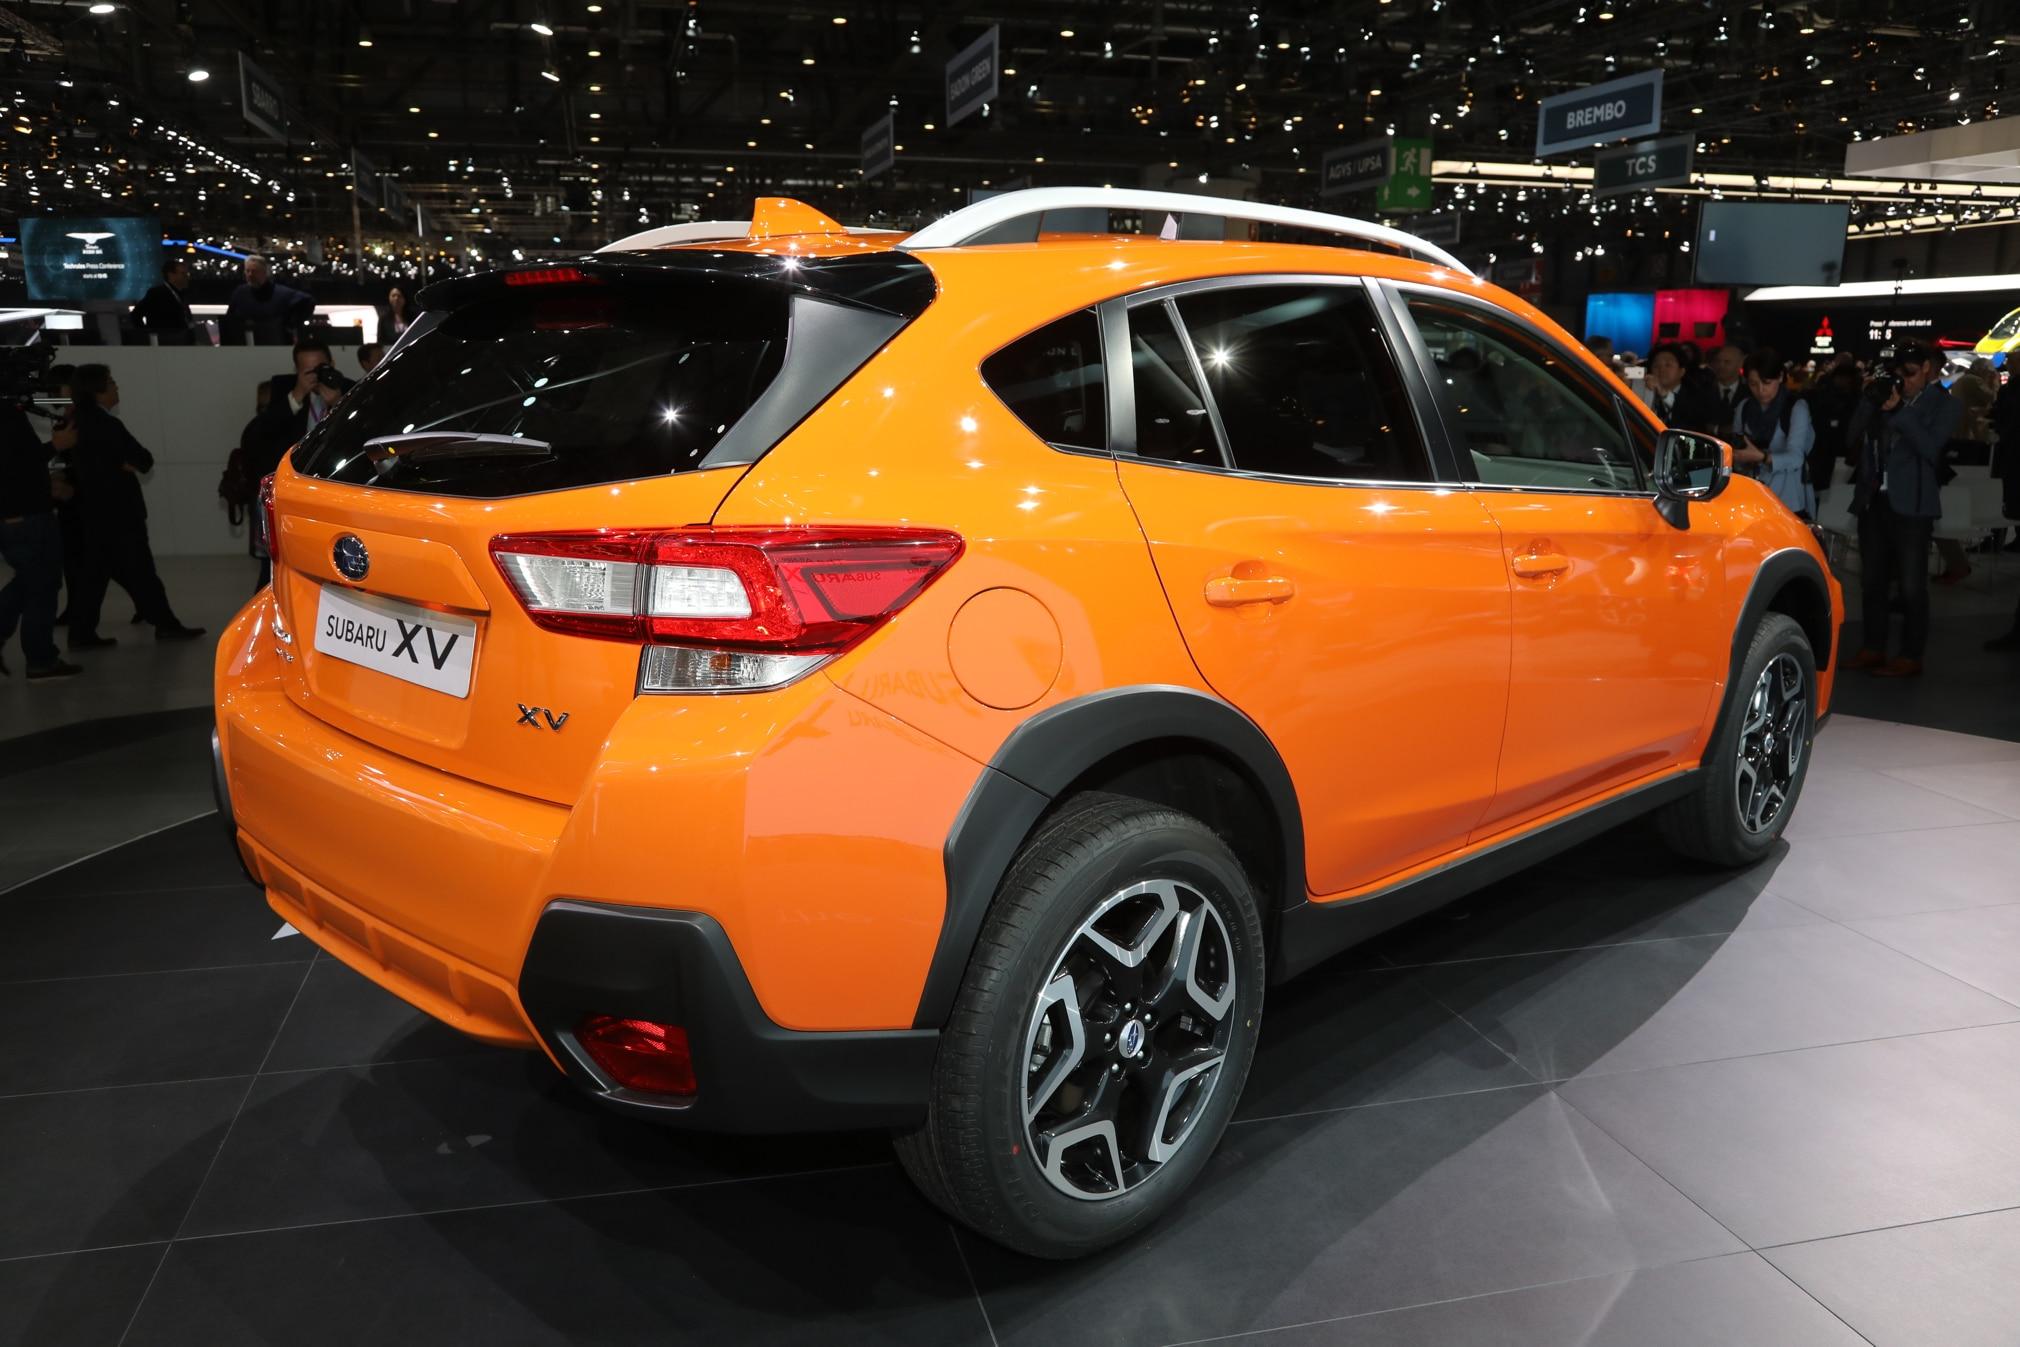 2017 Jaguar Lineup >> 2018 Subaru Crosstrek Debuts in Geneva | Automobile Magazine